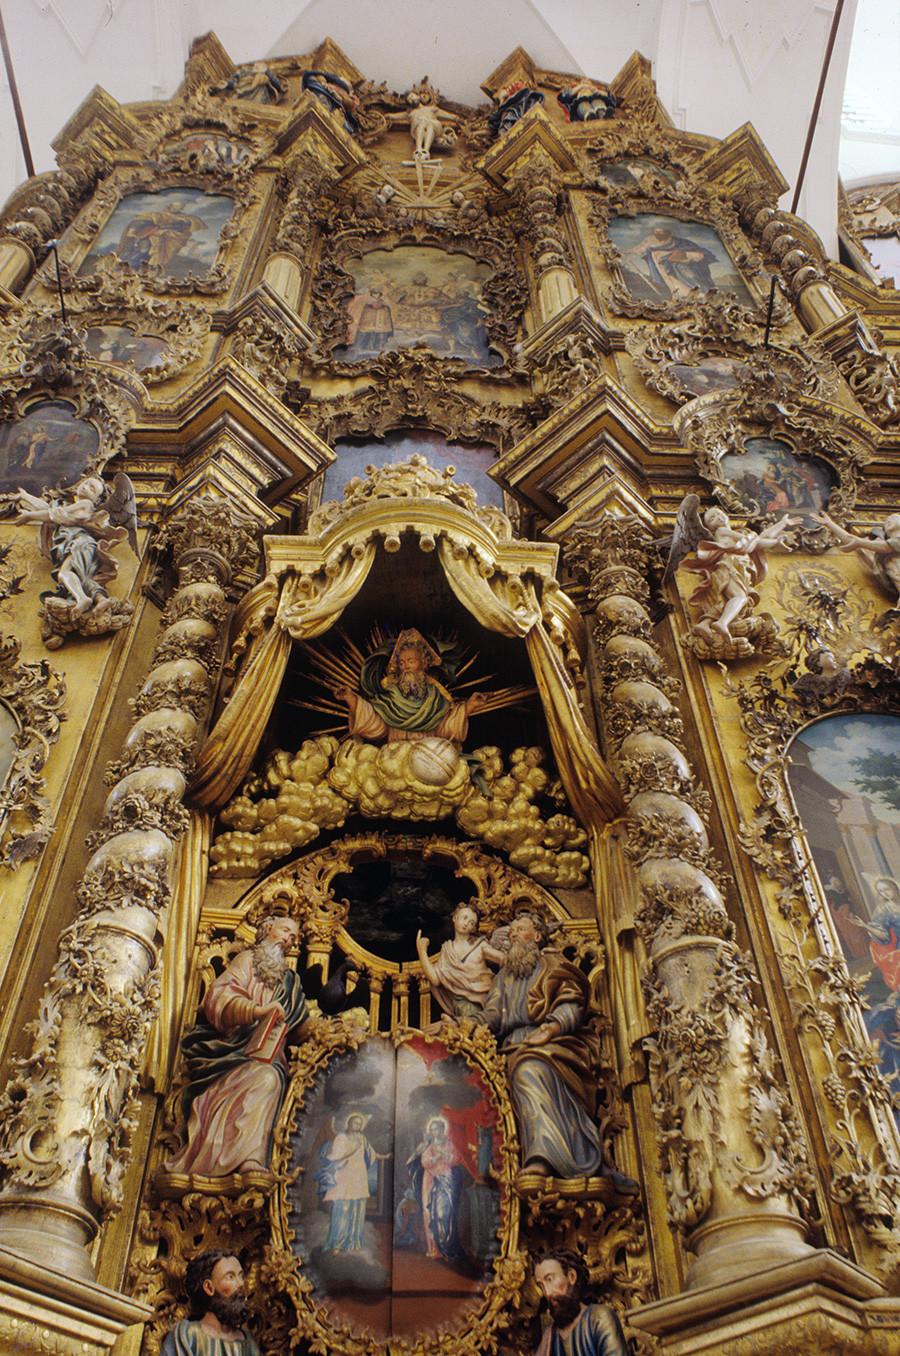 Monastère de la Trinité de Gleden. Iconostase de la cathédrale de la Trinité. Au centre : porte royale (entrée vers l'autel). En haut : statue en bois du Christ sur la croix